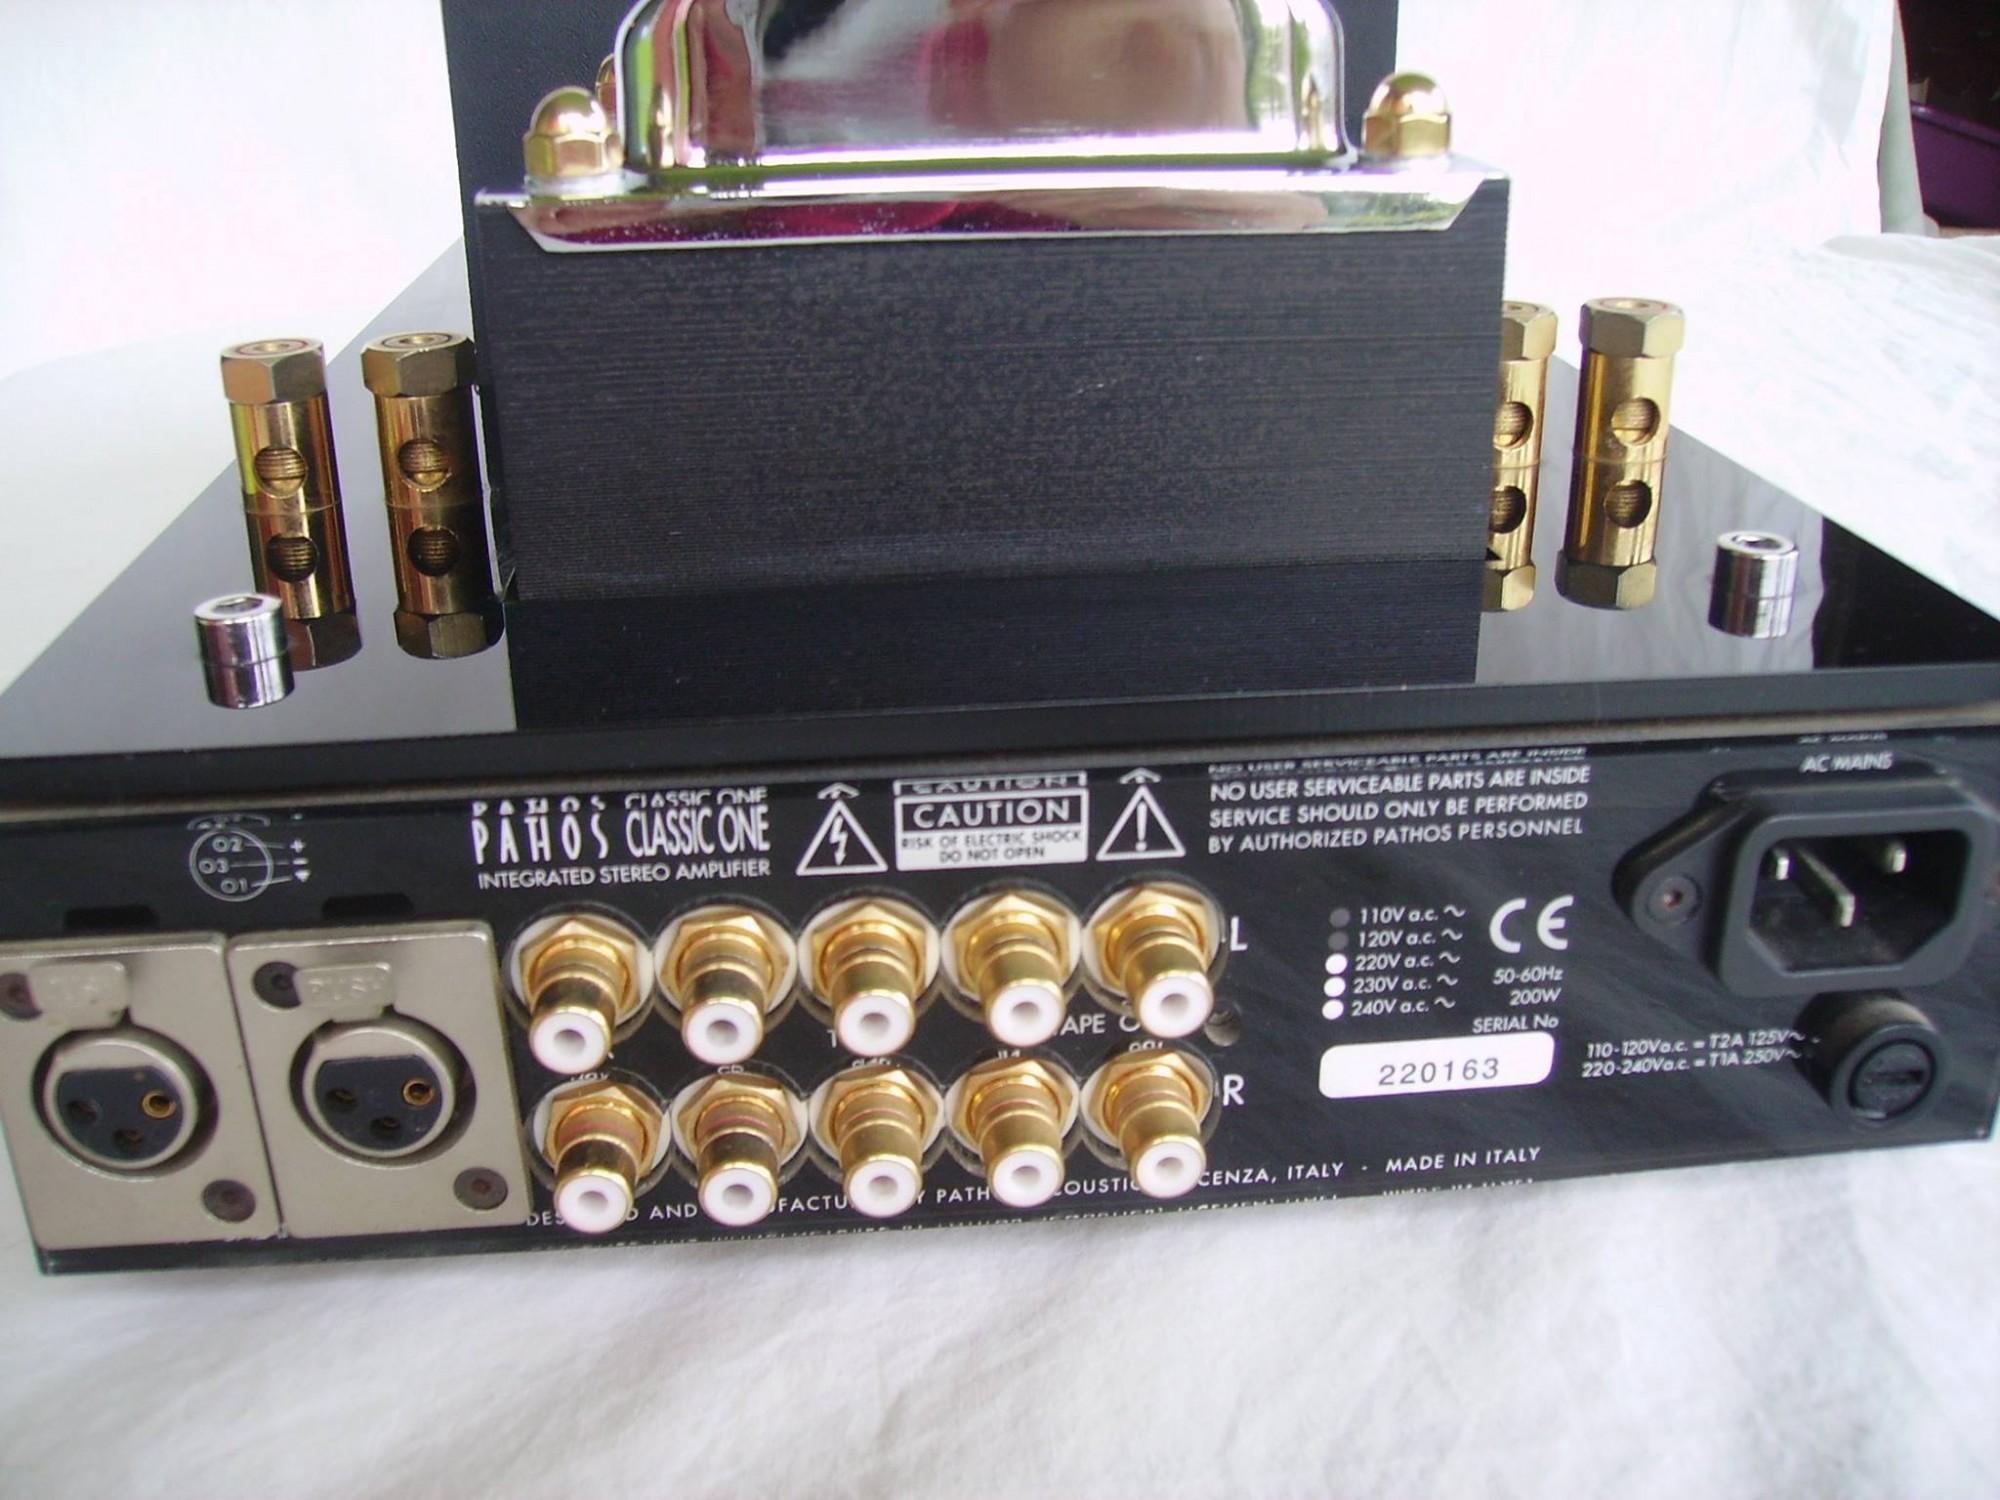 ampli à tubes avec entrée XLR PATHOS classic one à Paris